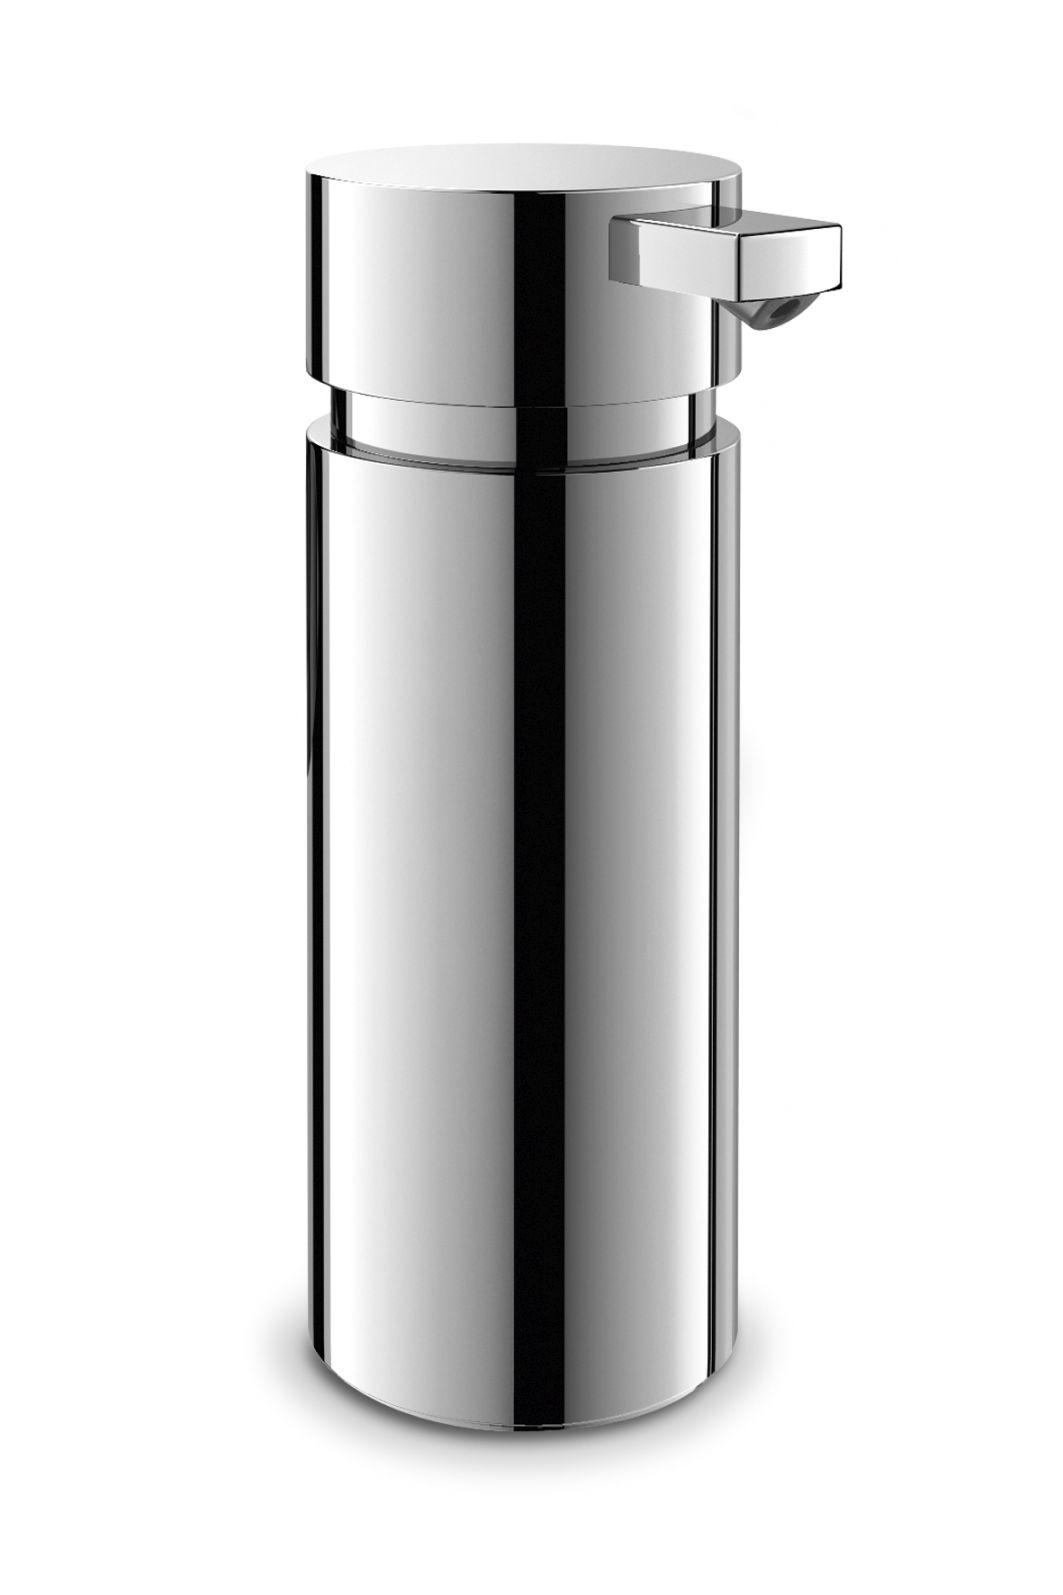 Dávkovač na mýdlo SCALA 200ml, nástěnný - ZACK